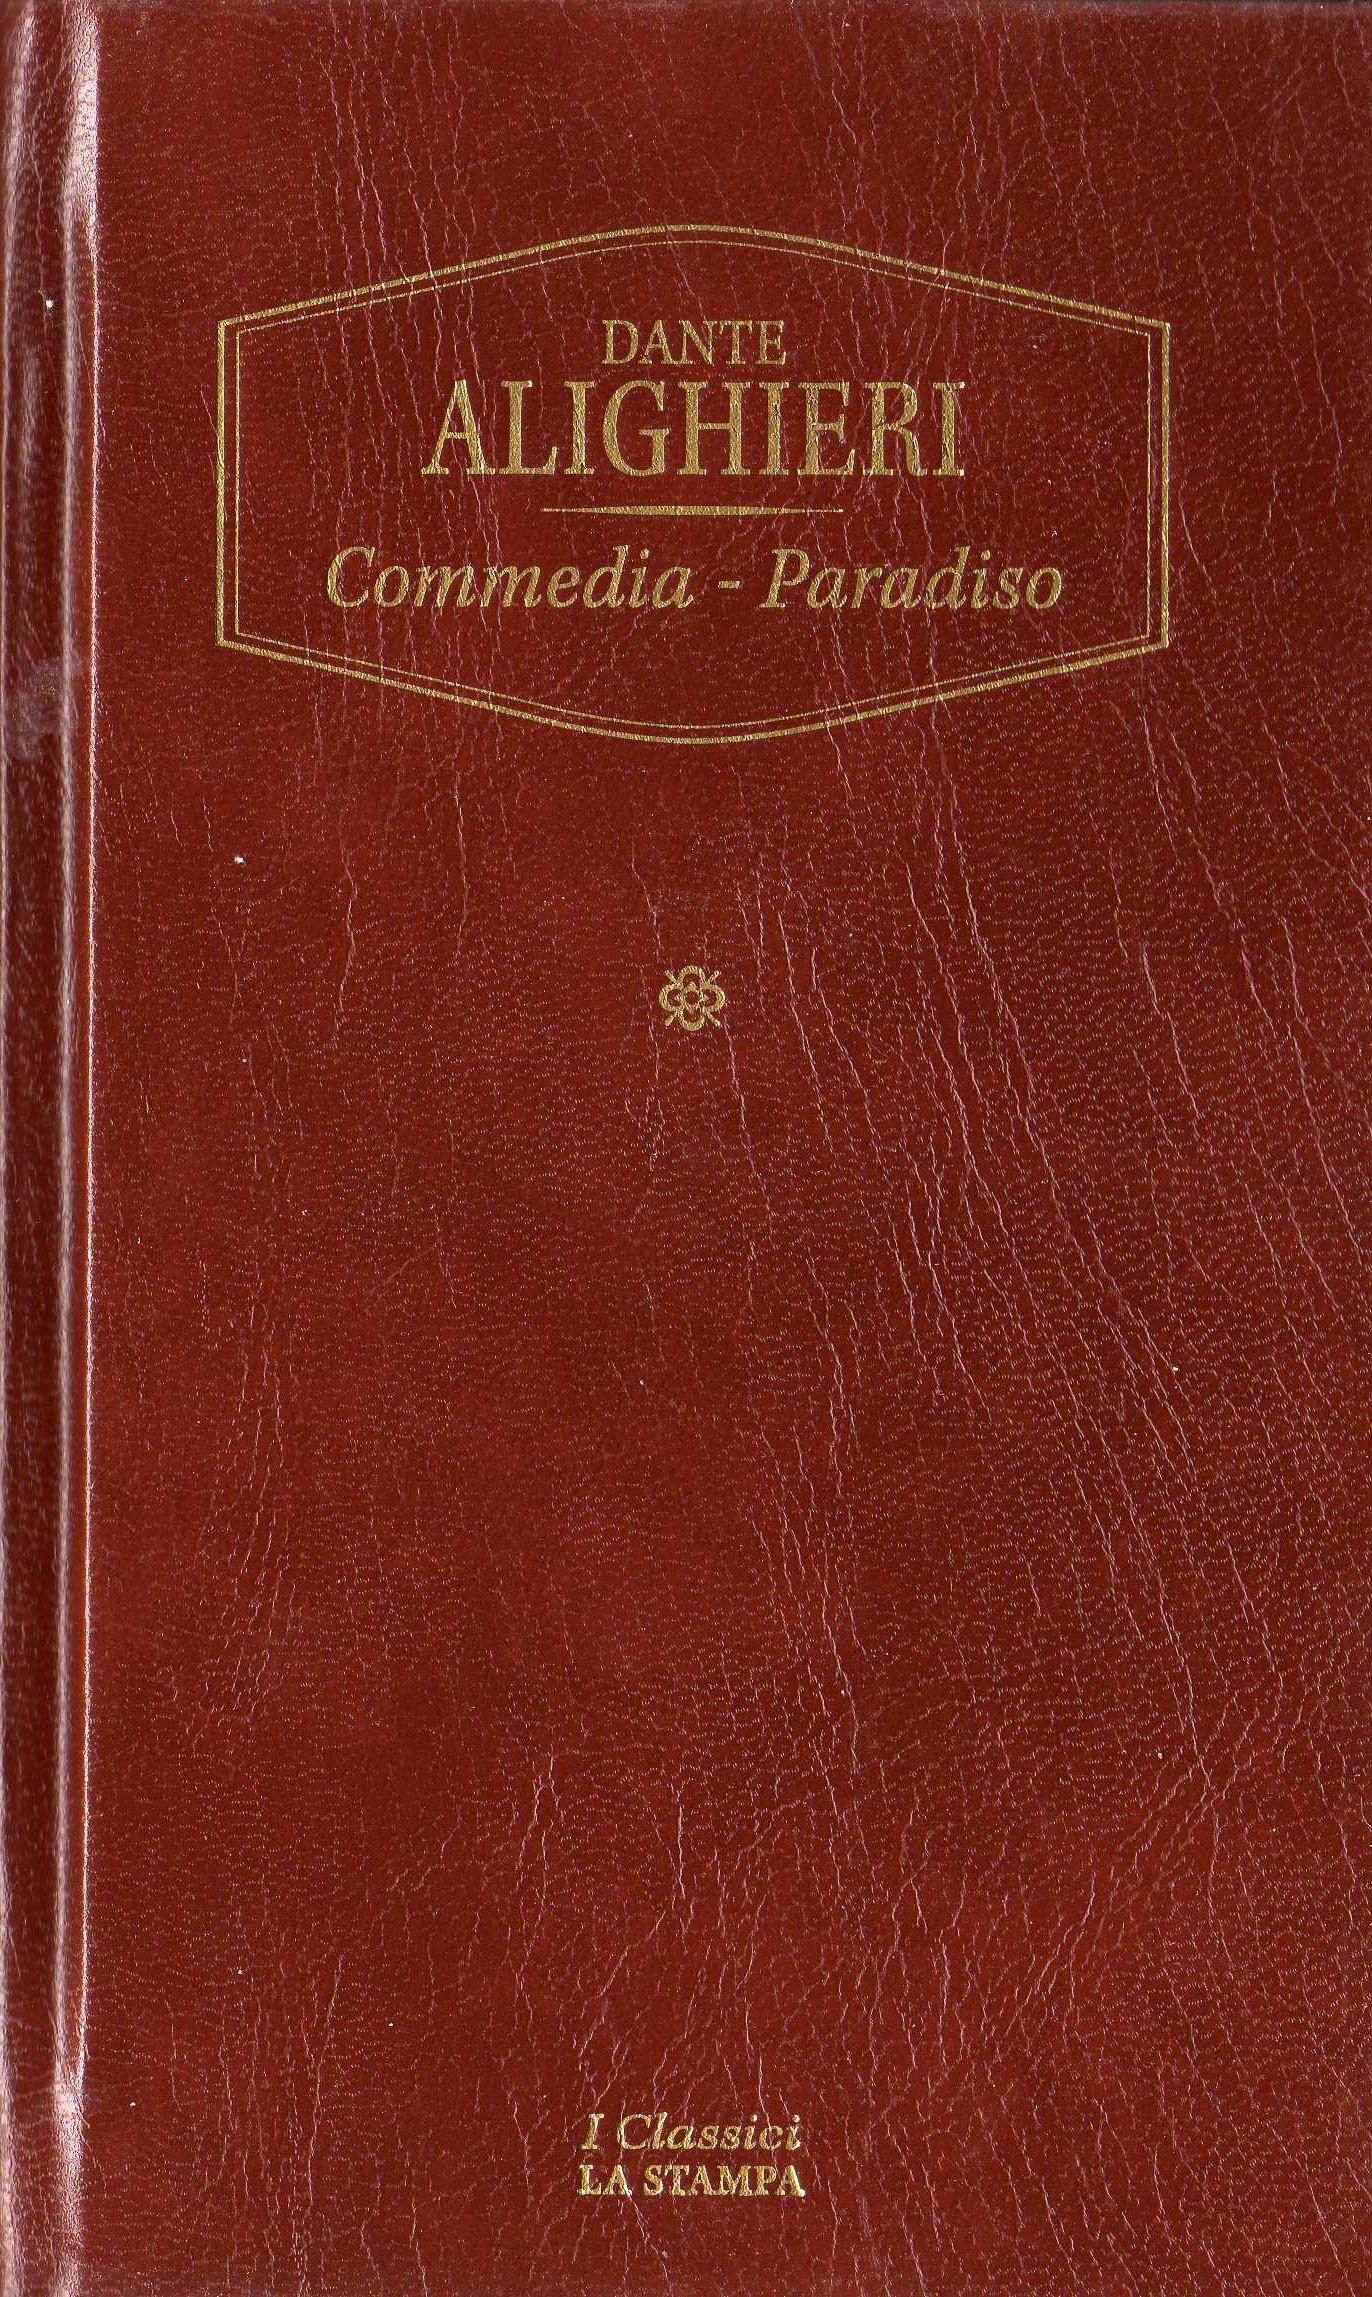 Commedia - Paradiso